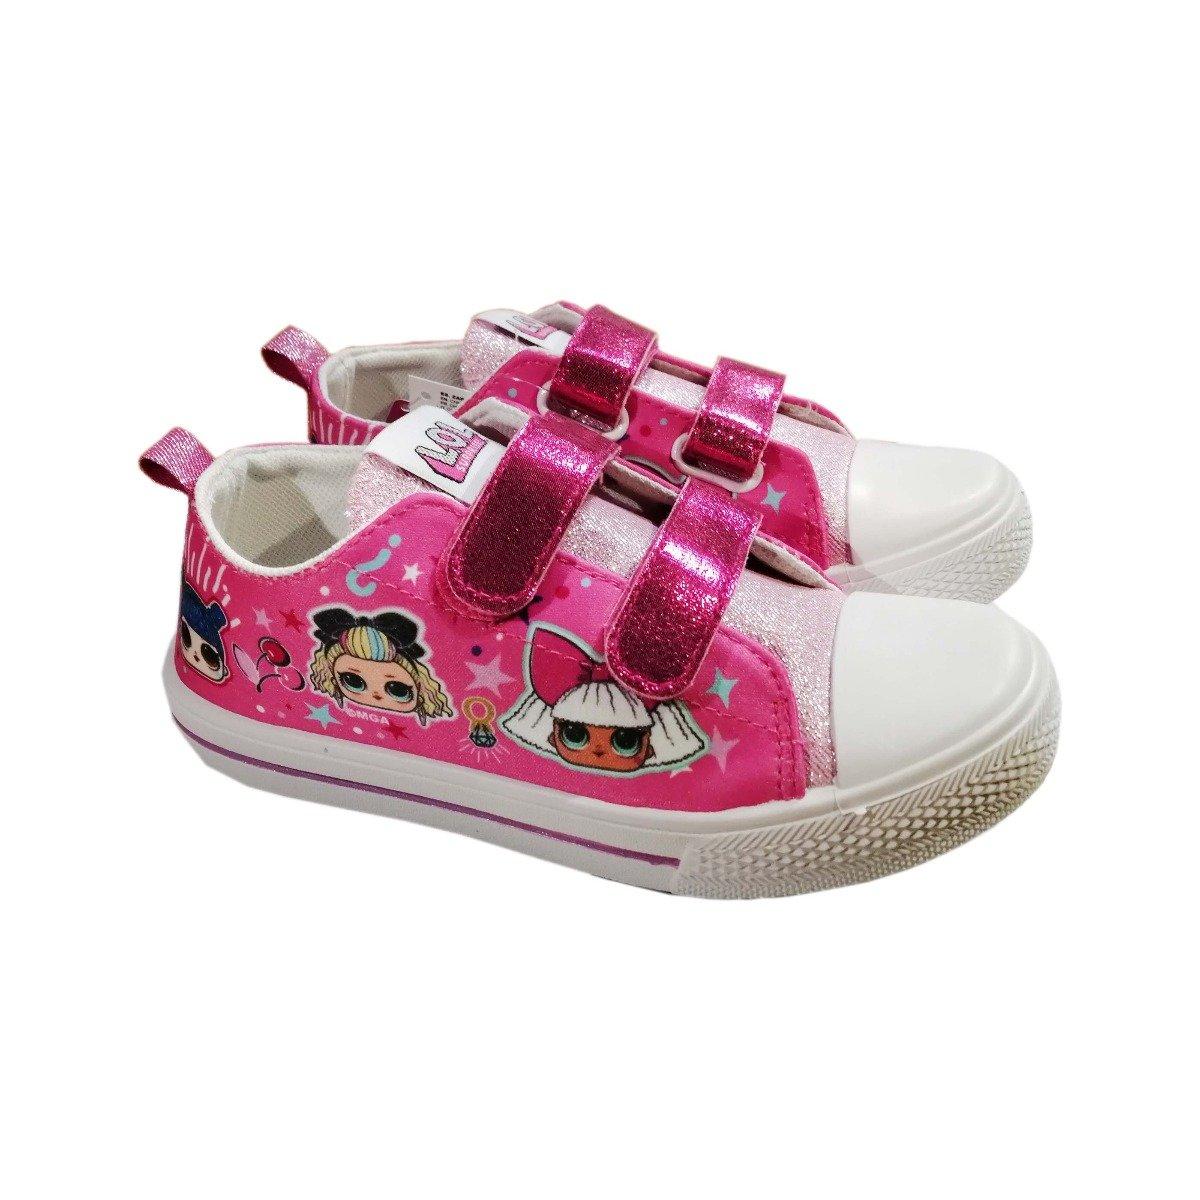 Tenisi cu scai si imprimeu LOL, Roz